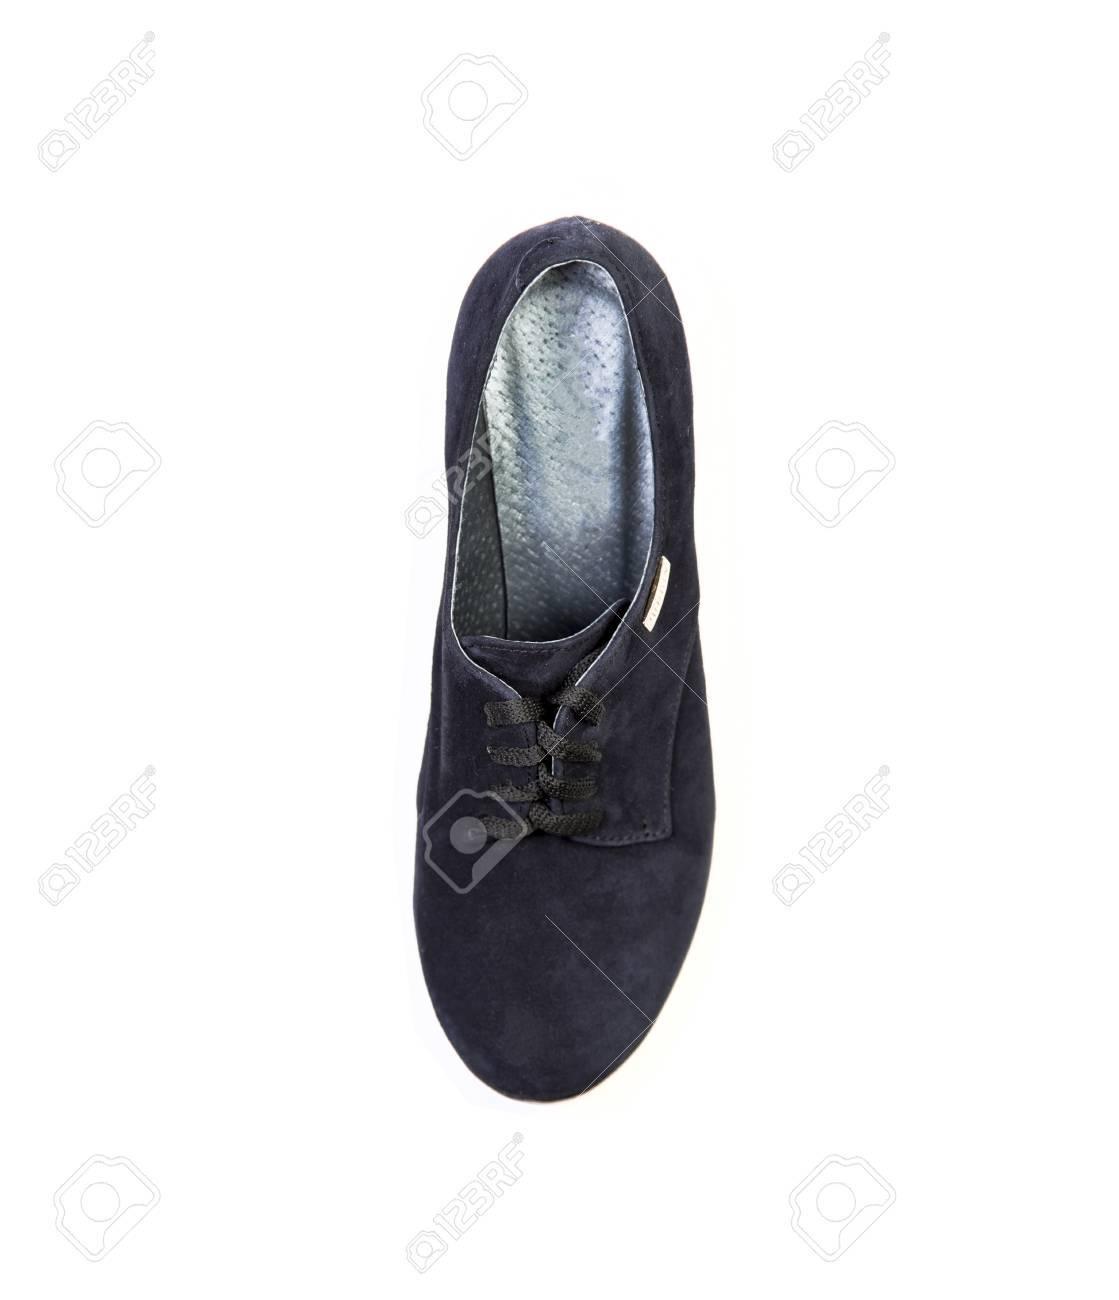 a3cbfbe4 Gamuza Otoño E De Un Sobre Fondo Zapatos Invierno Azul Blanco qUzMGpVS